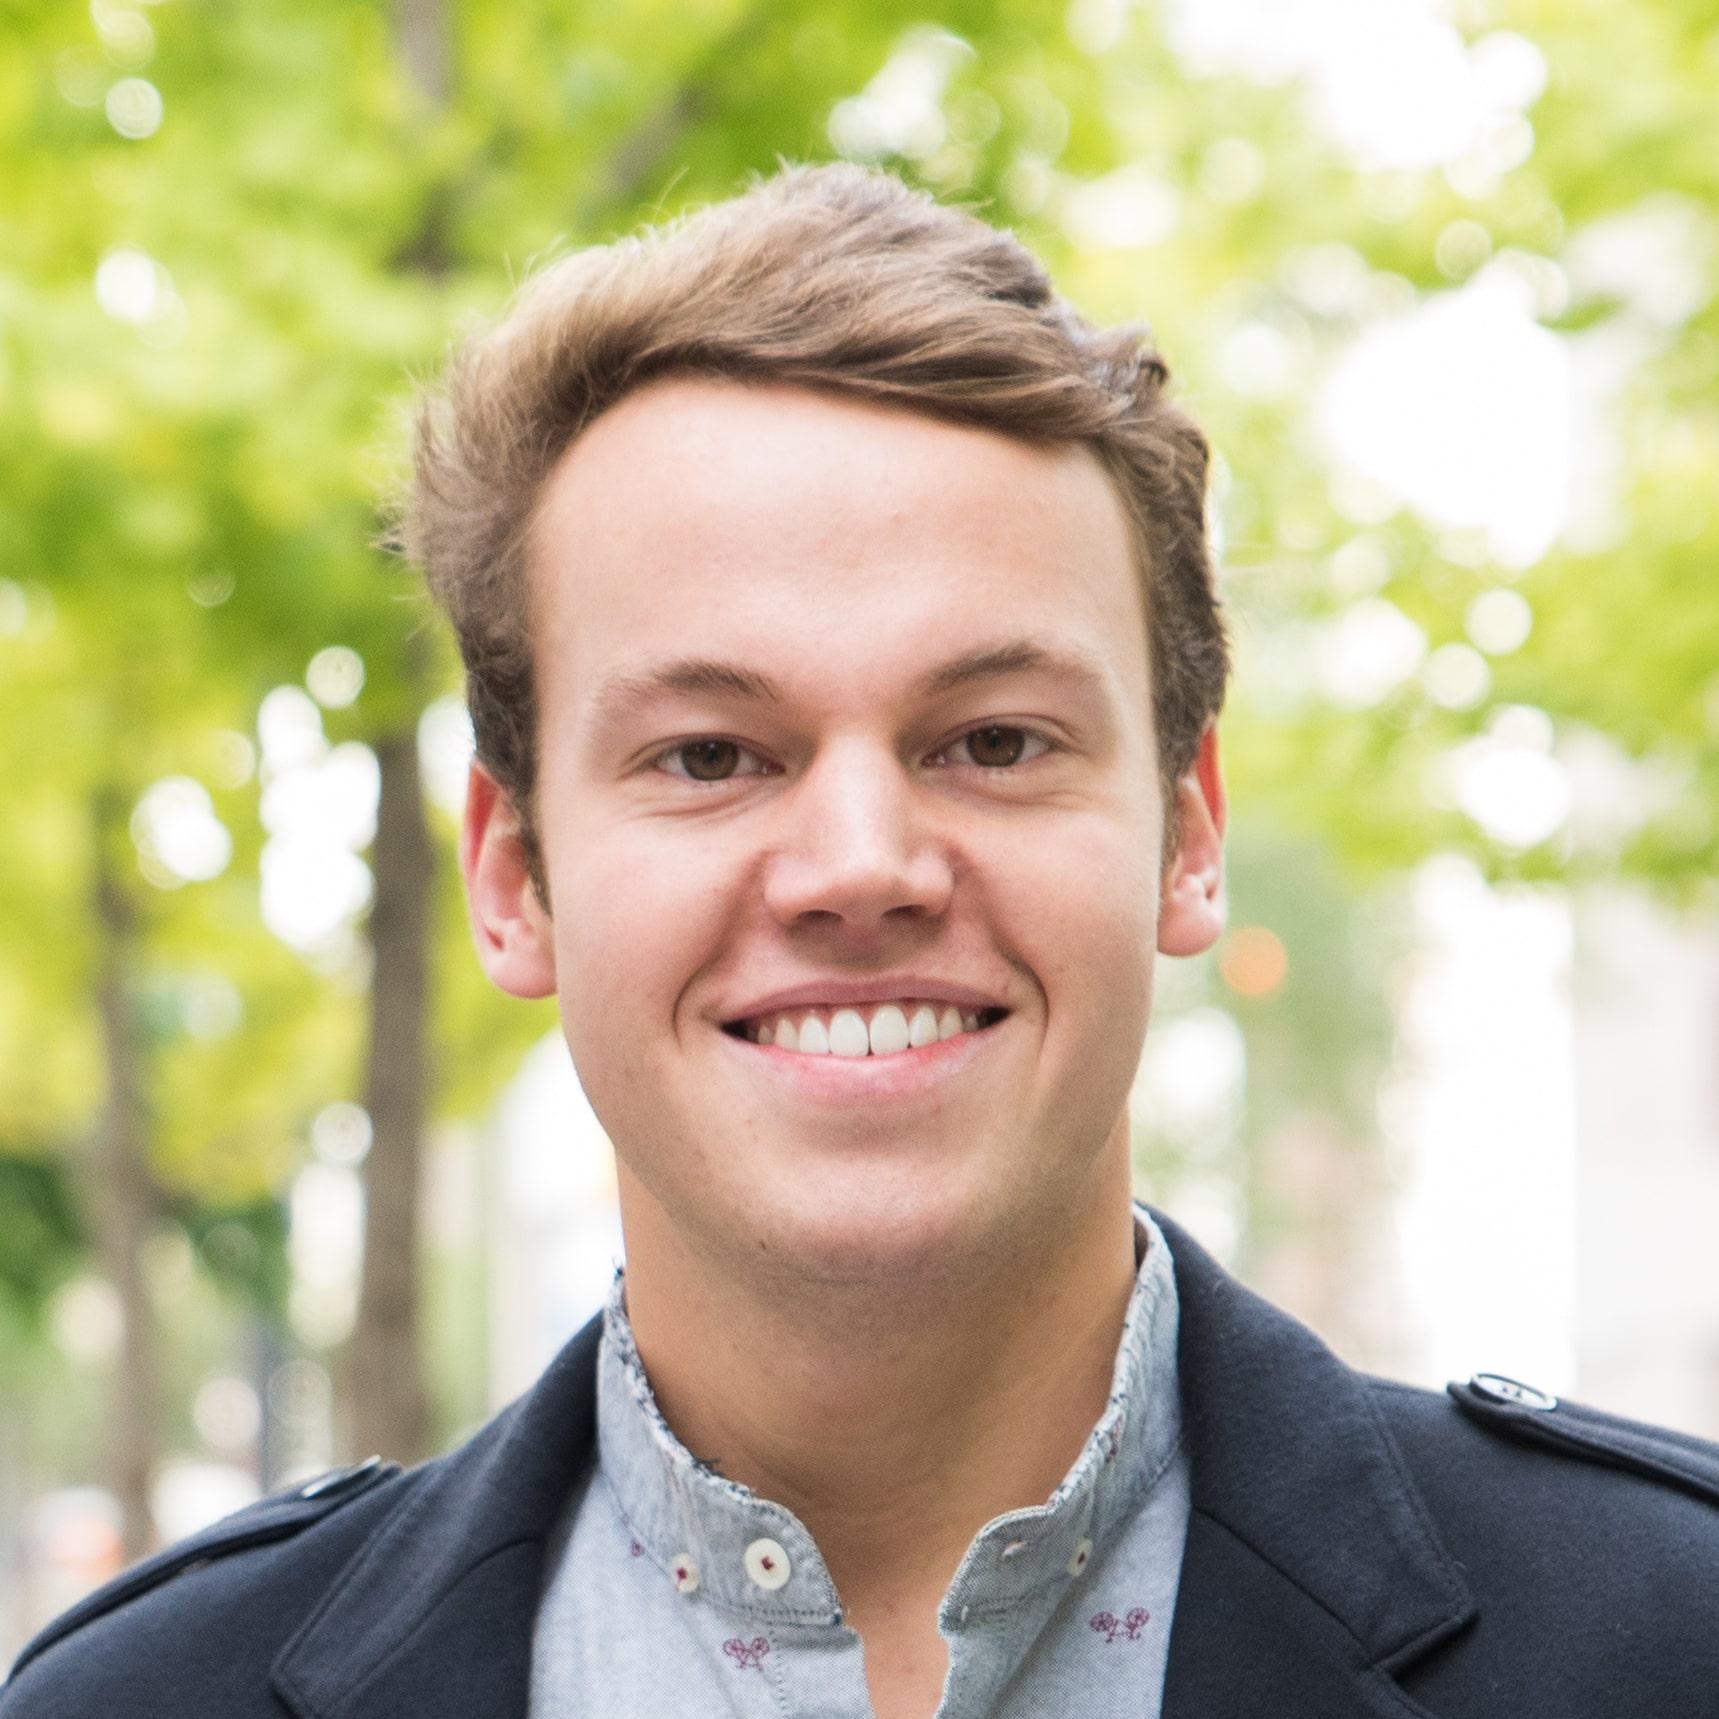 Lucas Fraser